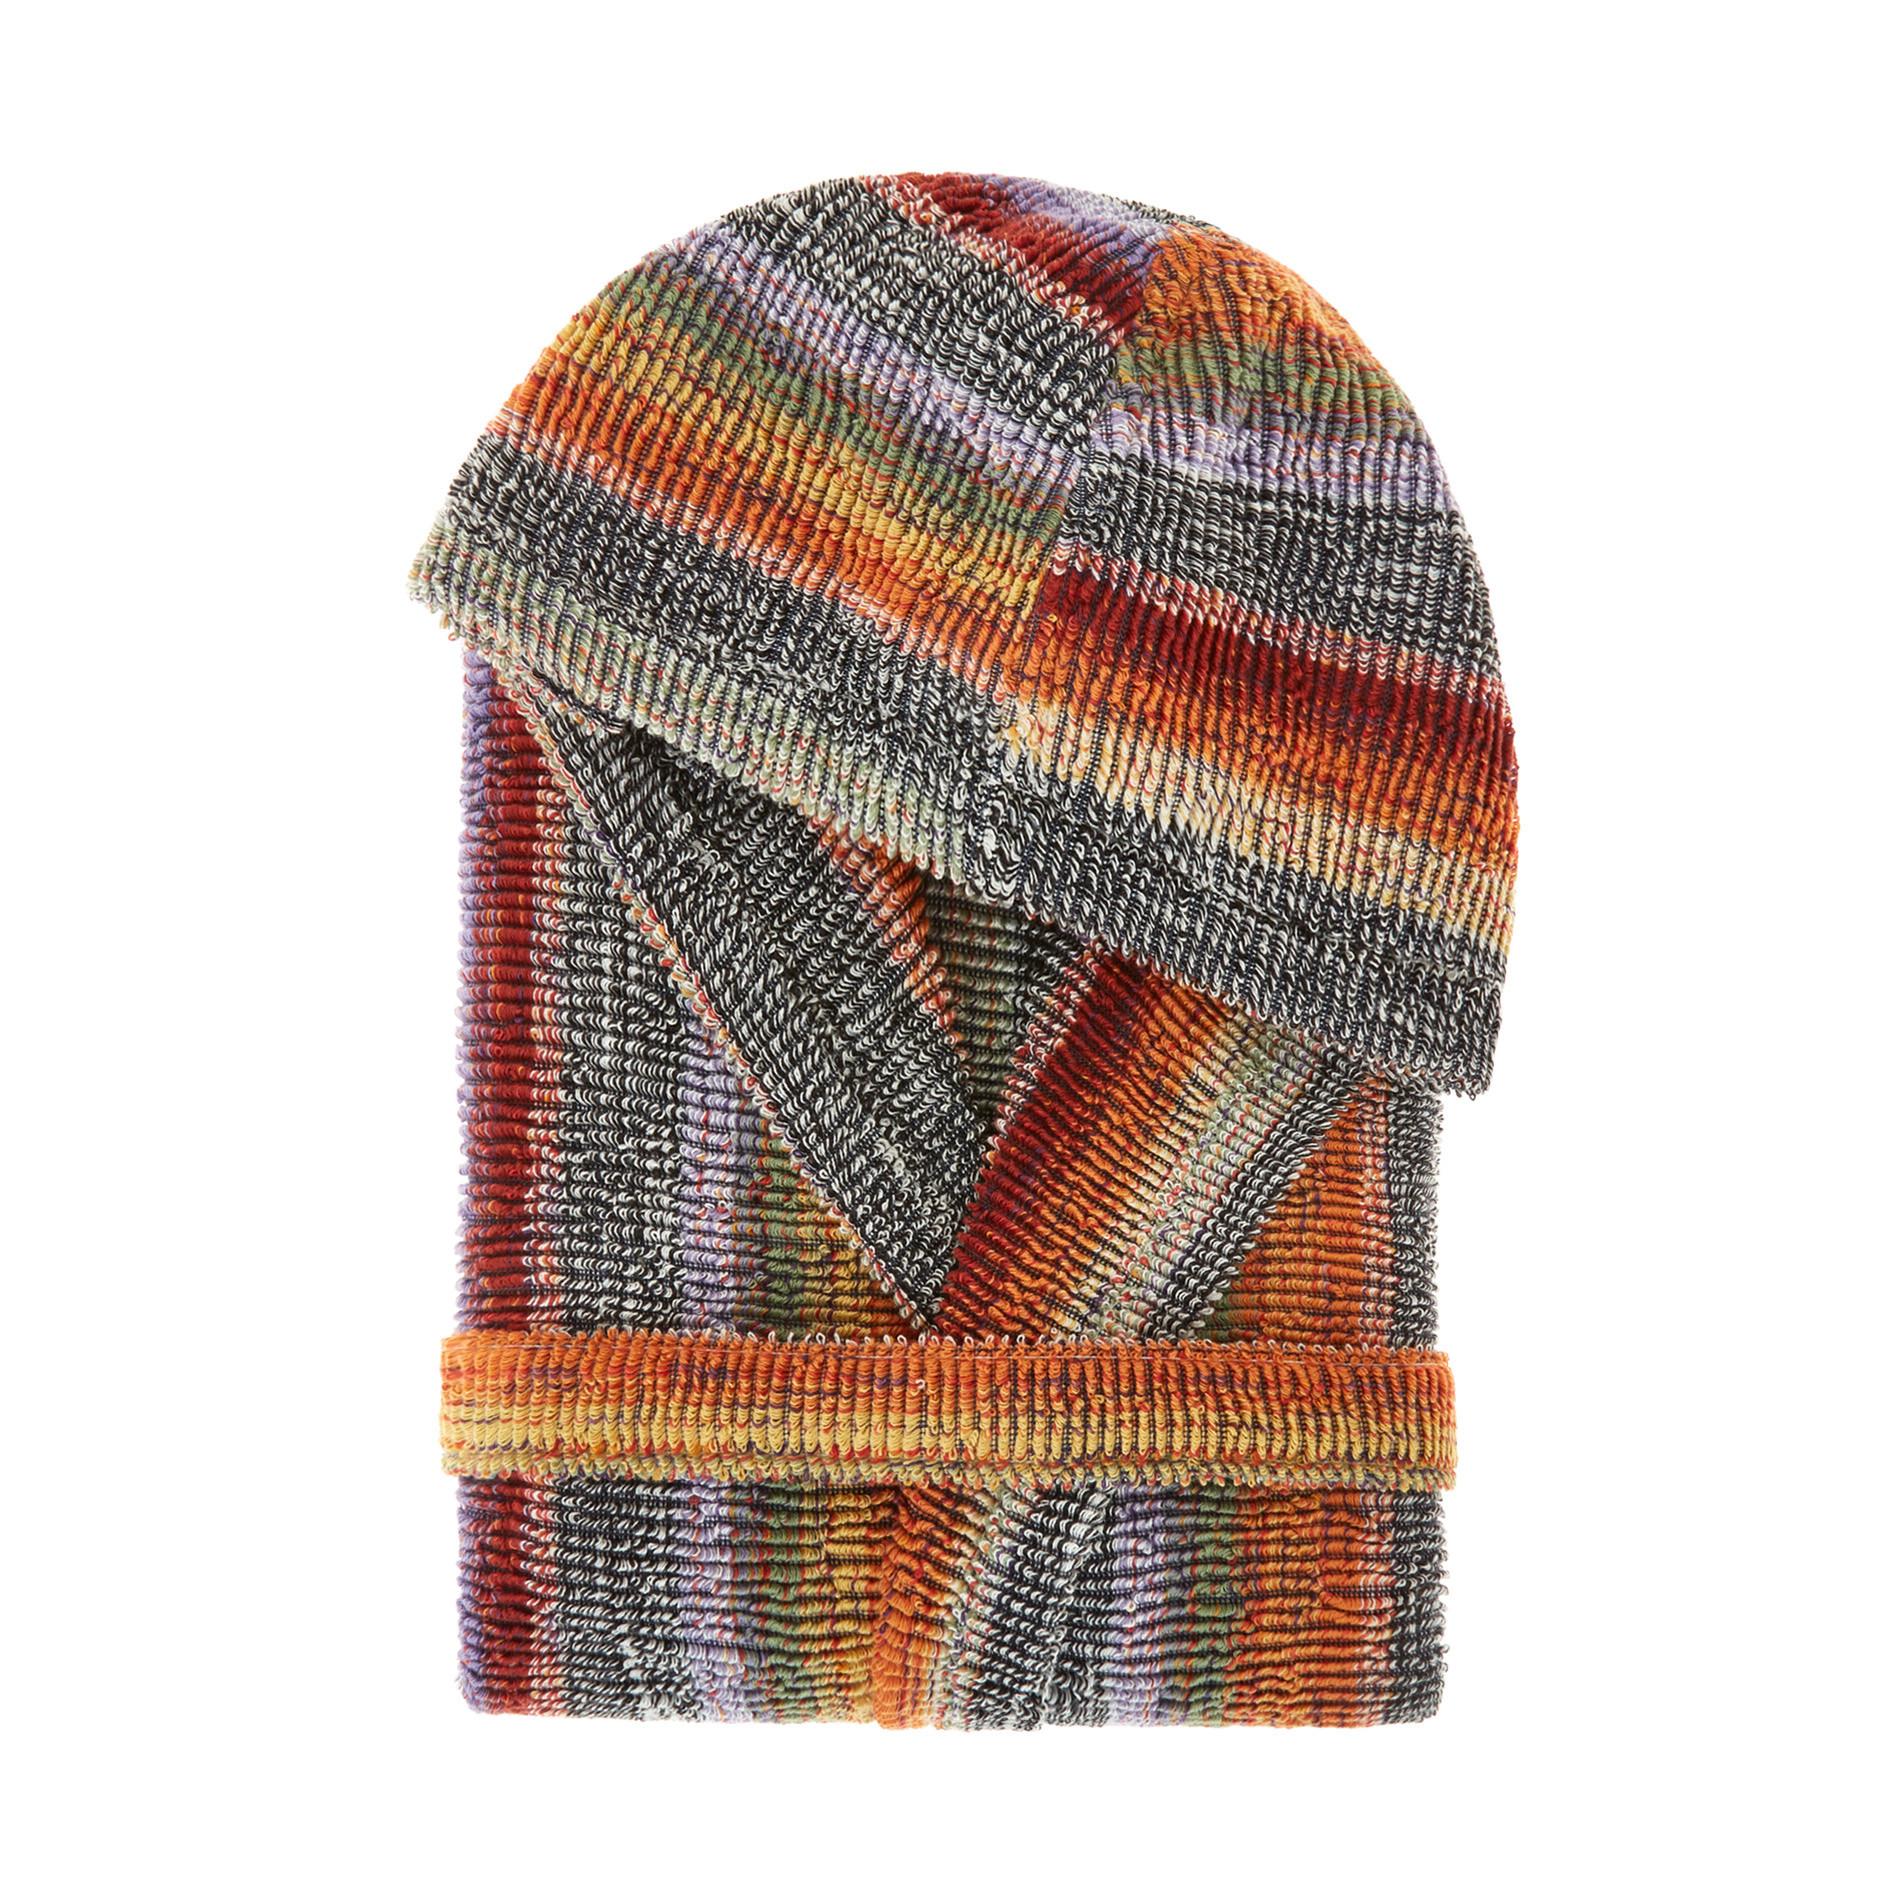 Accappatoio spugna di cotone a righe, Multicolor, large image number 0